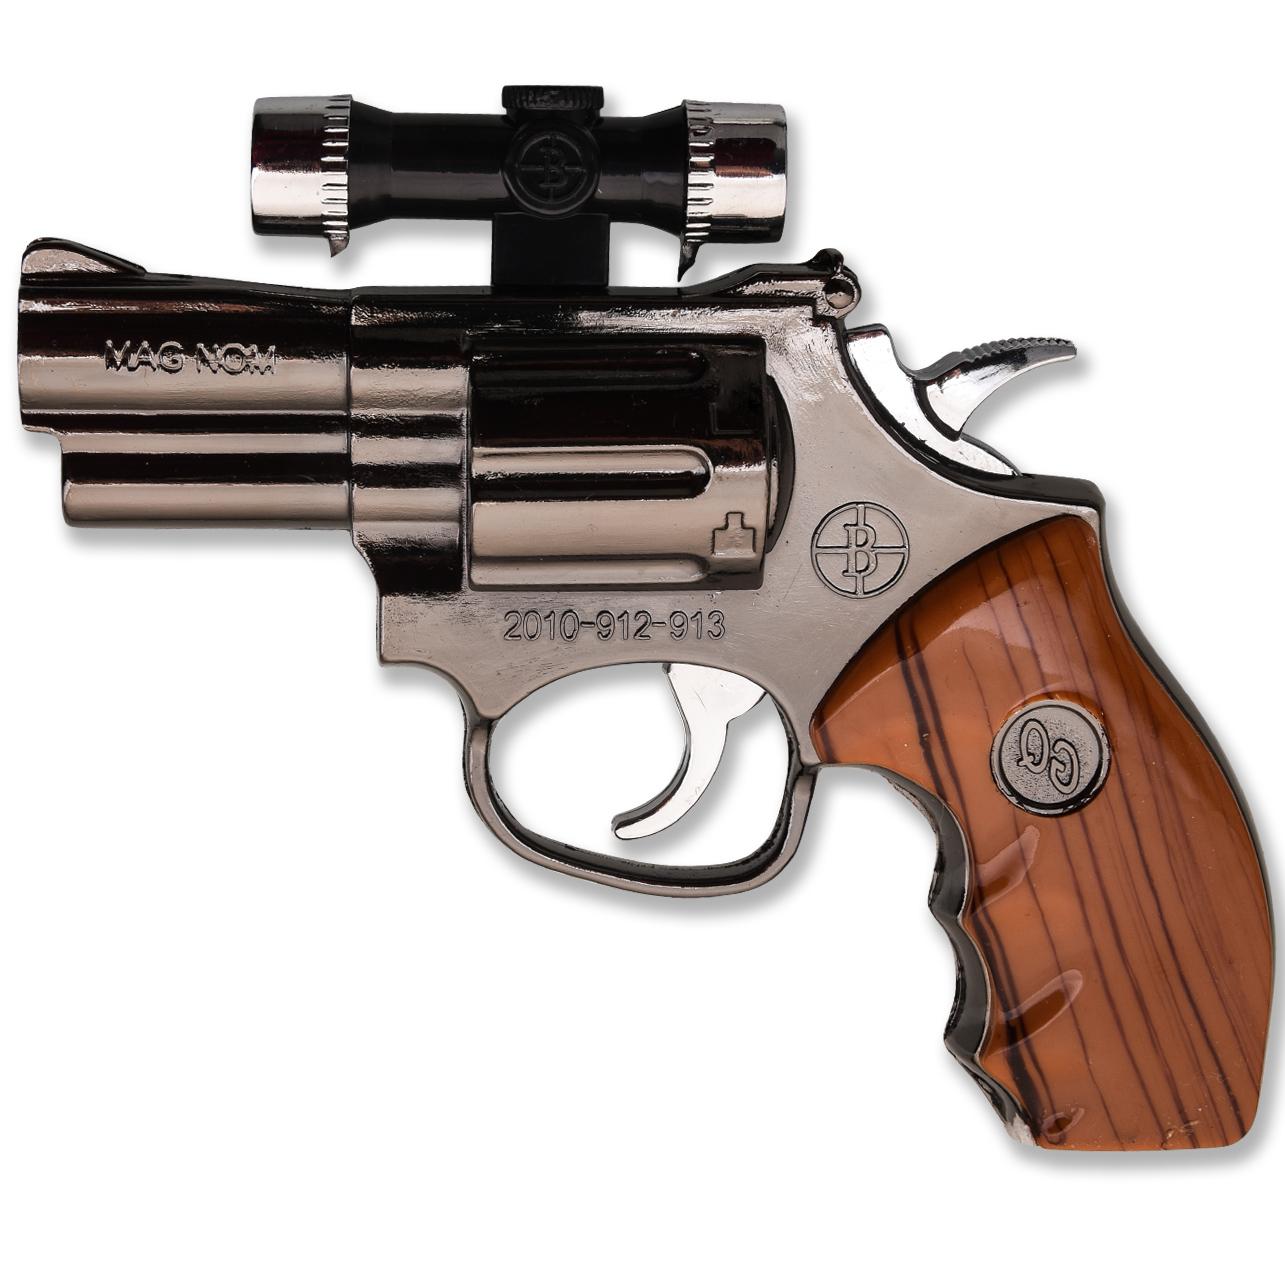 Зажигалка револьвер MAG NOM с лазером